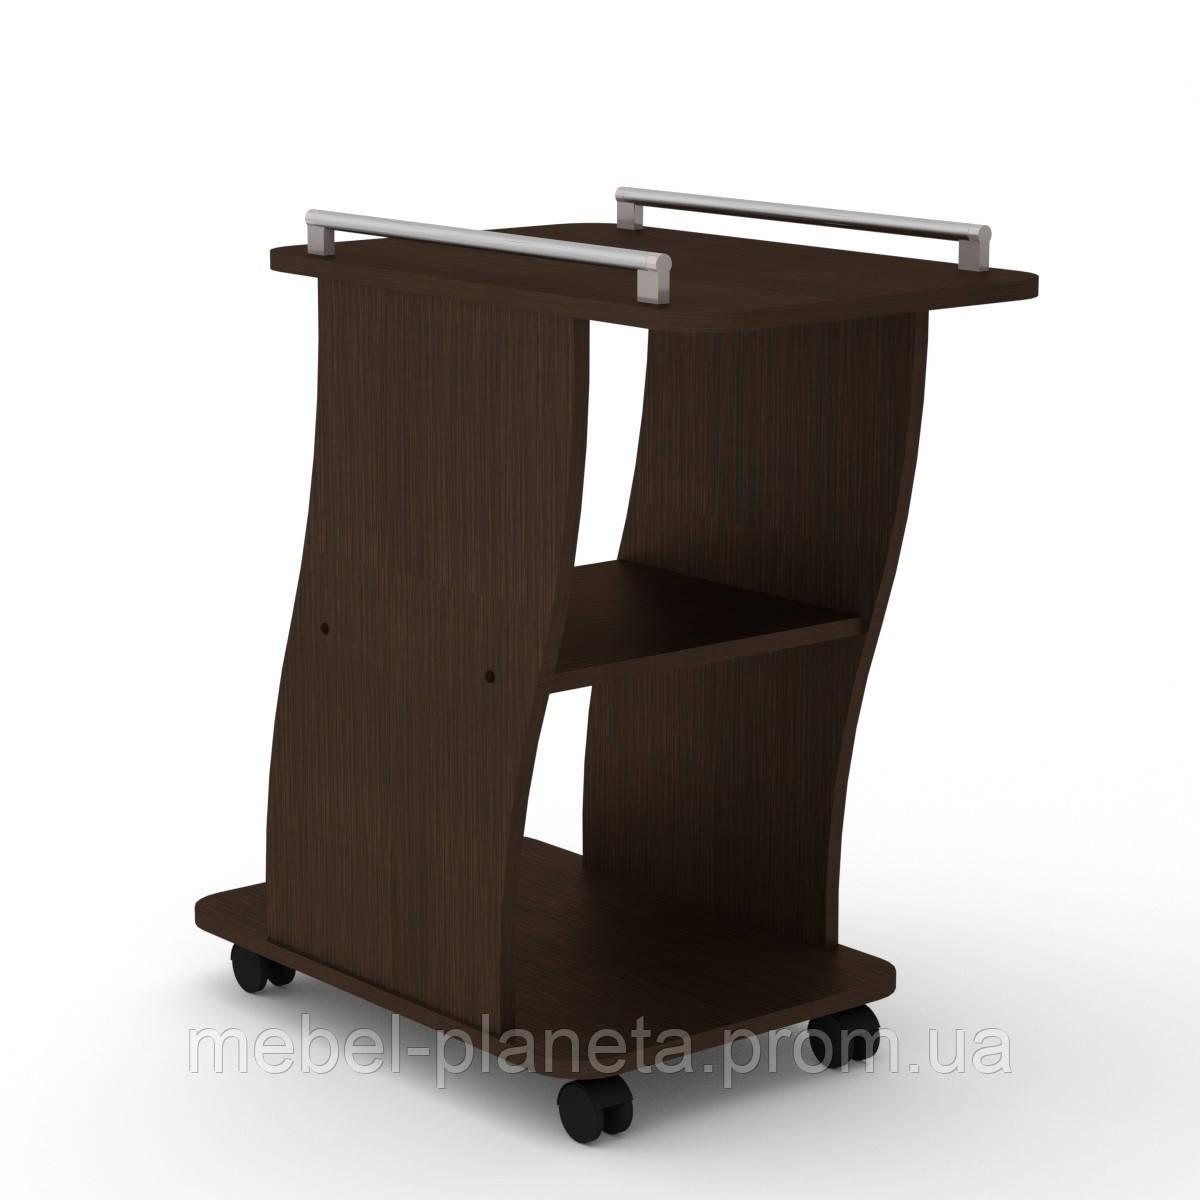 Журнальный столик на колесиках Вена Компанит, журнальный столик узкий